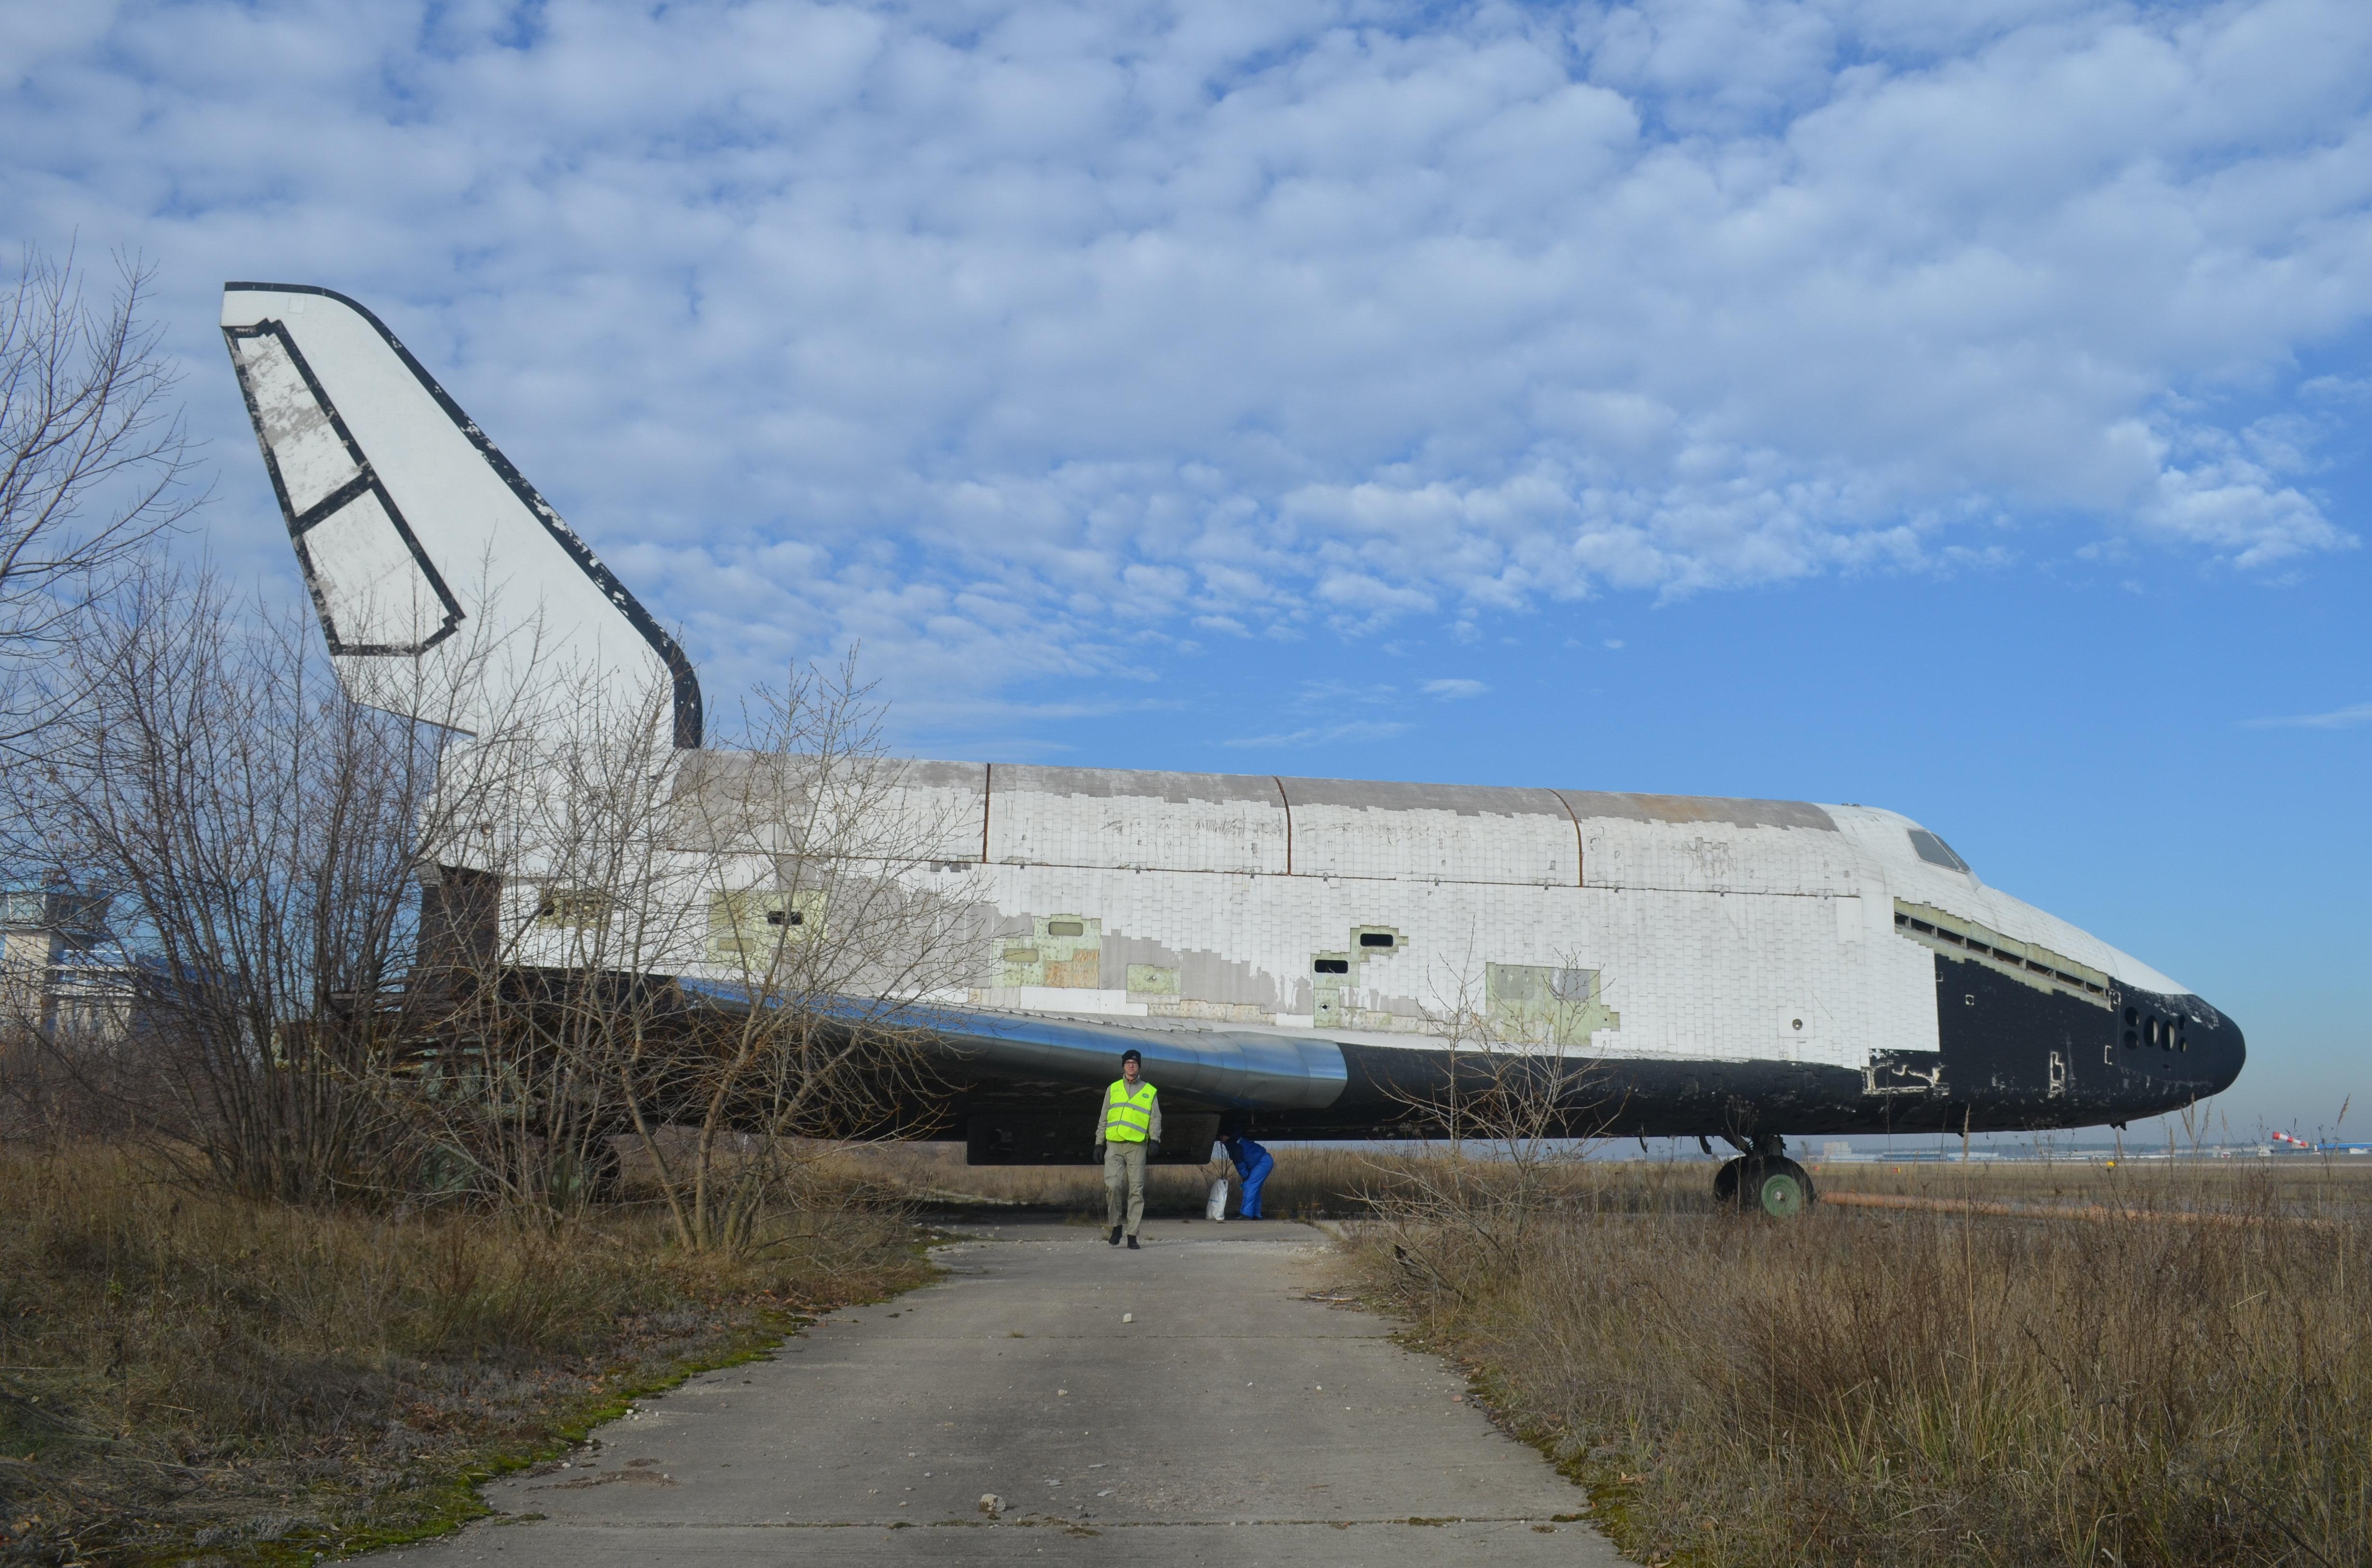 Une navette spatiale Bourane figure parmi les pièces potentielles du futur musée